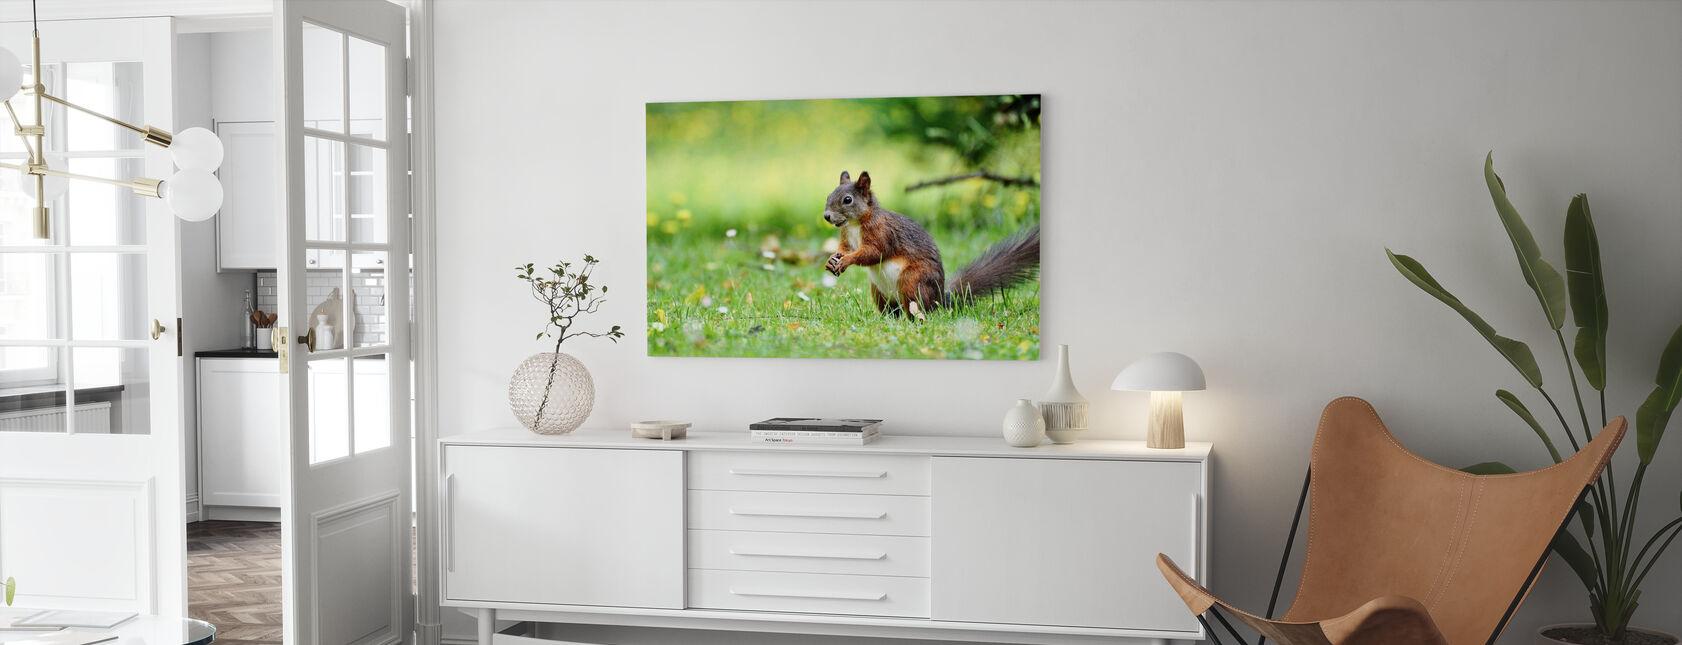 Squirrel Census - Canvas print - Living Room